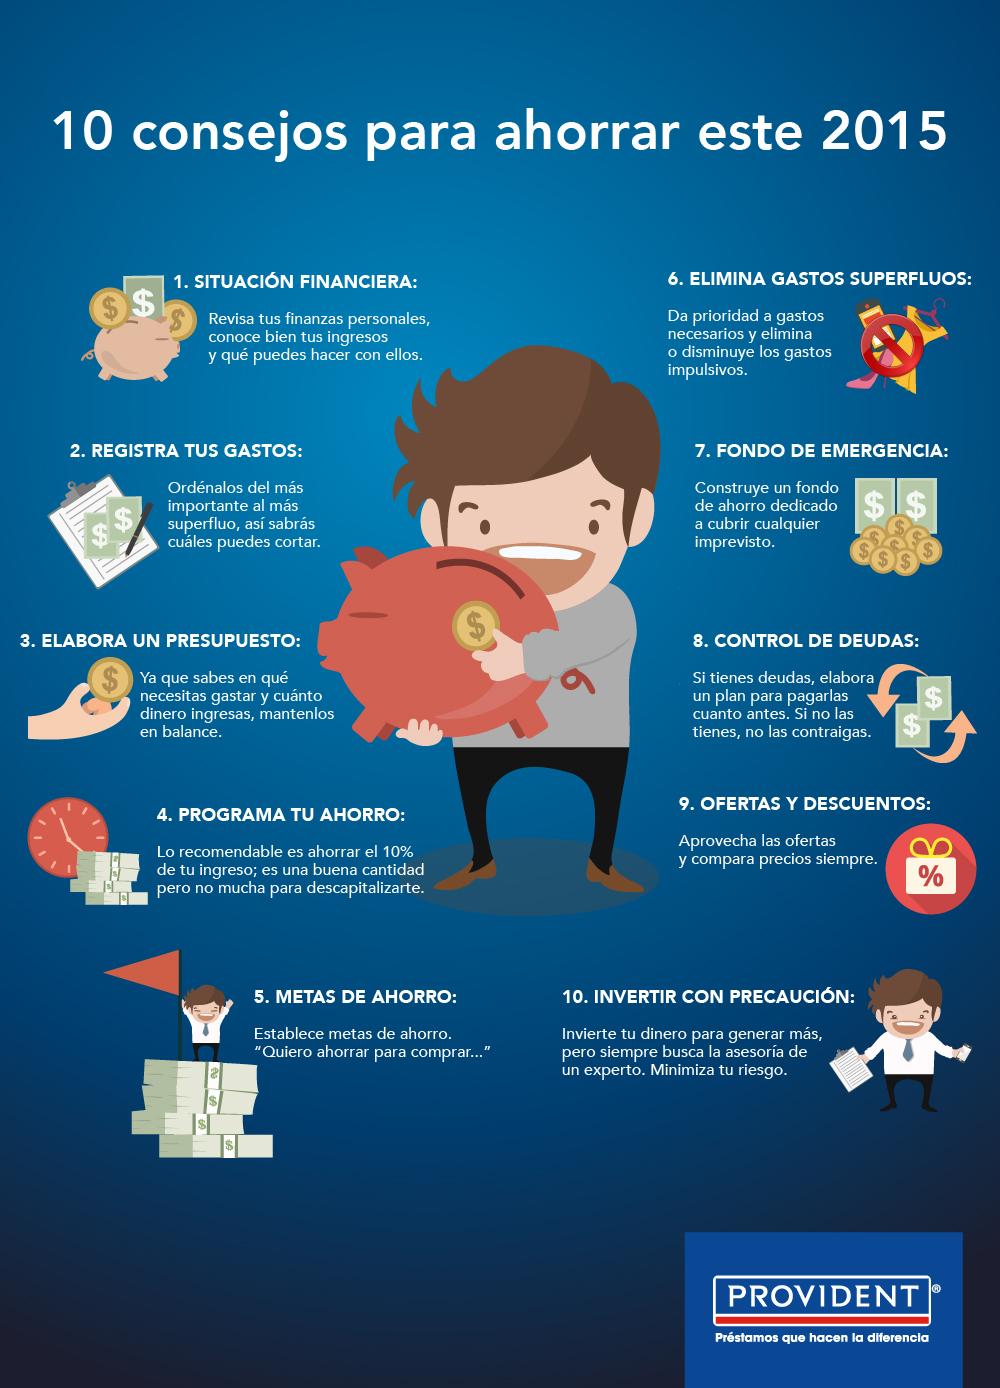 10 consejos para ahorrar este 2015 blog provident - Consejos para ahorrar dinero ...